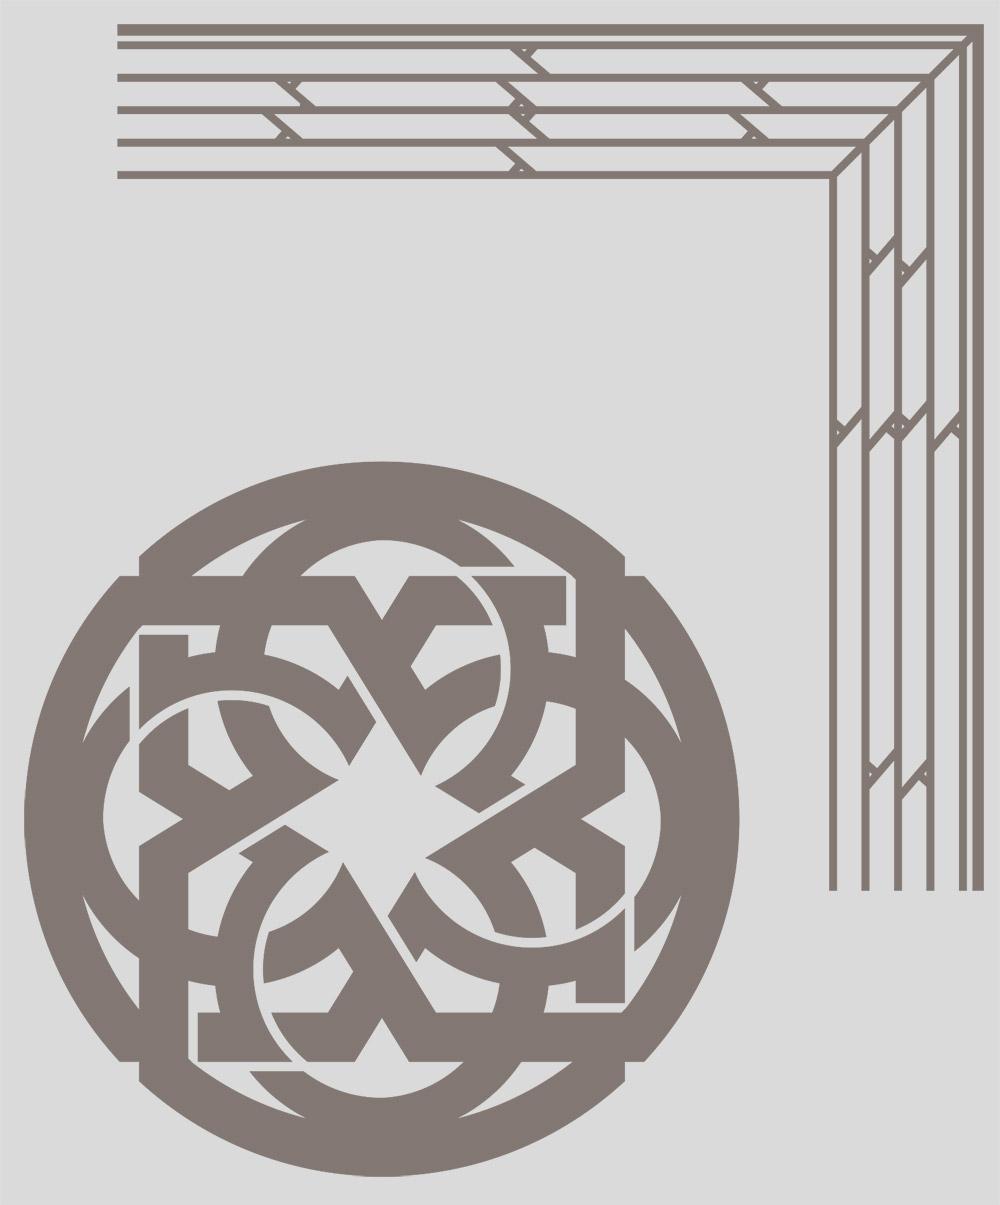 Были отрисованы в векторе орнаменты, предоставленные клиентом в растровом изображении плохого качества